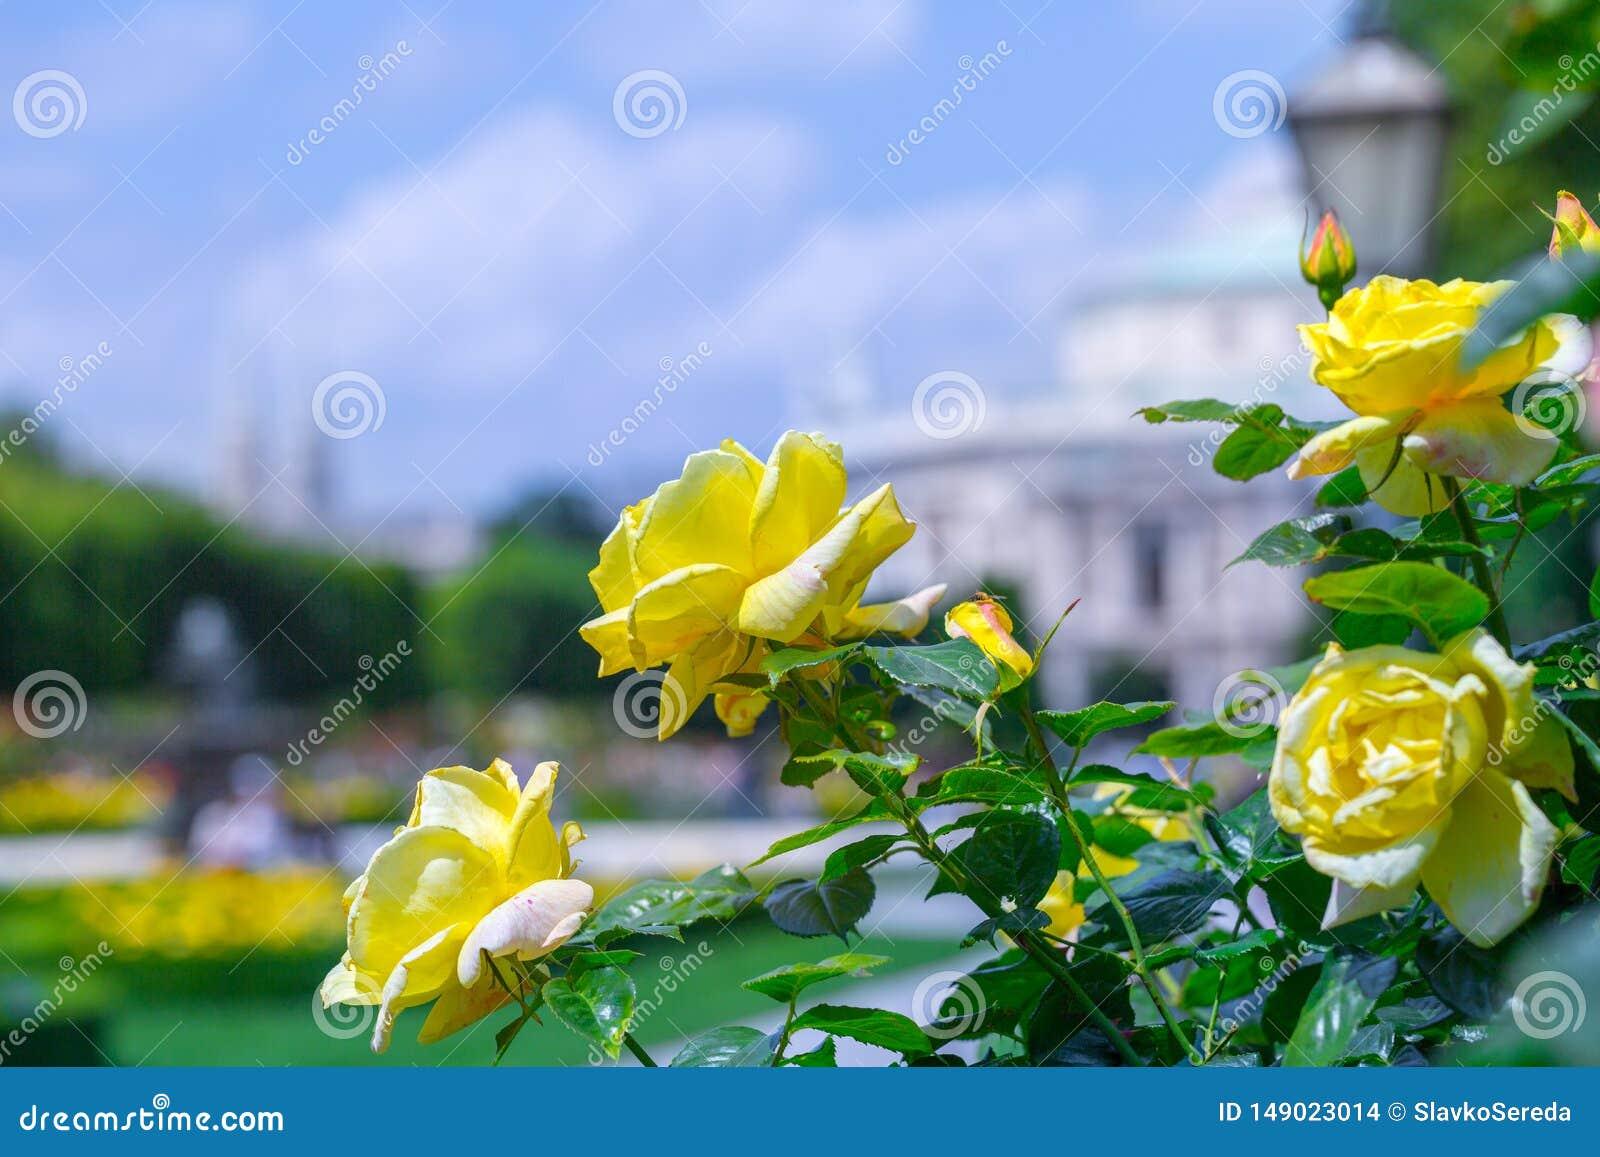 Weelderige bloeiende gele rozen in roze tuin Volksgarten( people' s park) in Wenen, Oostenrijk